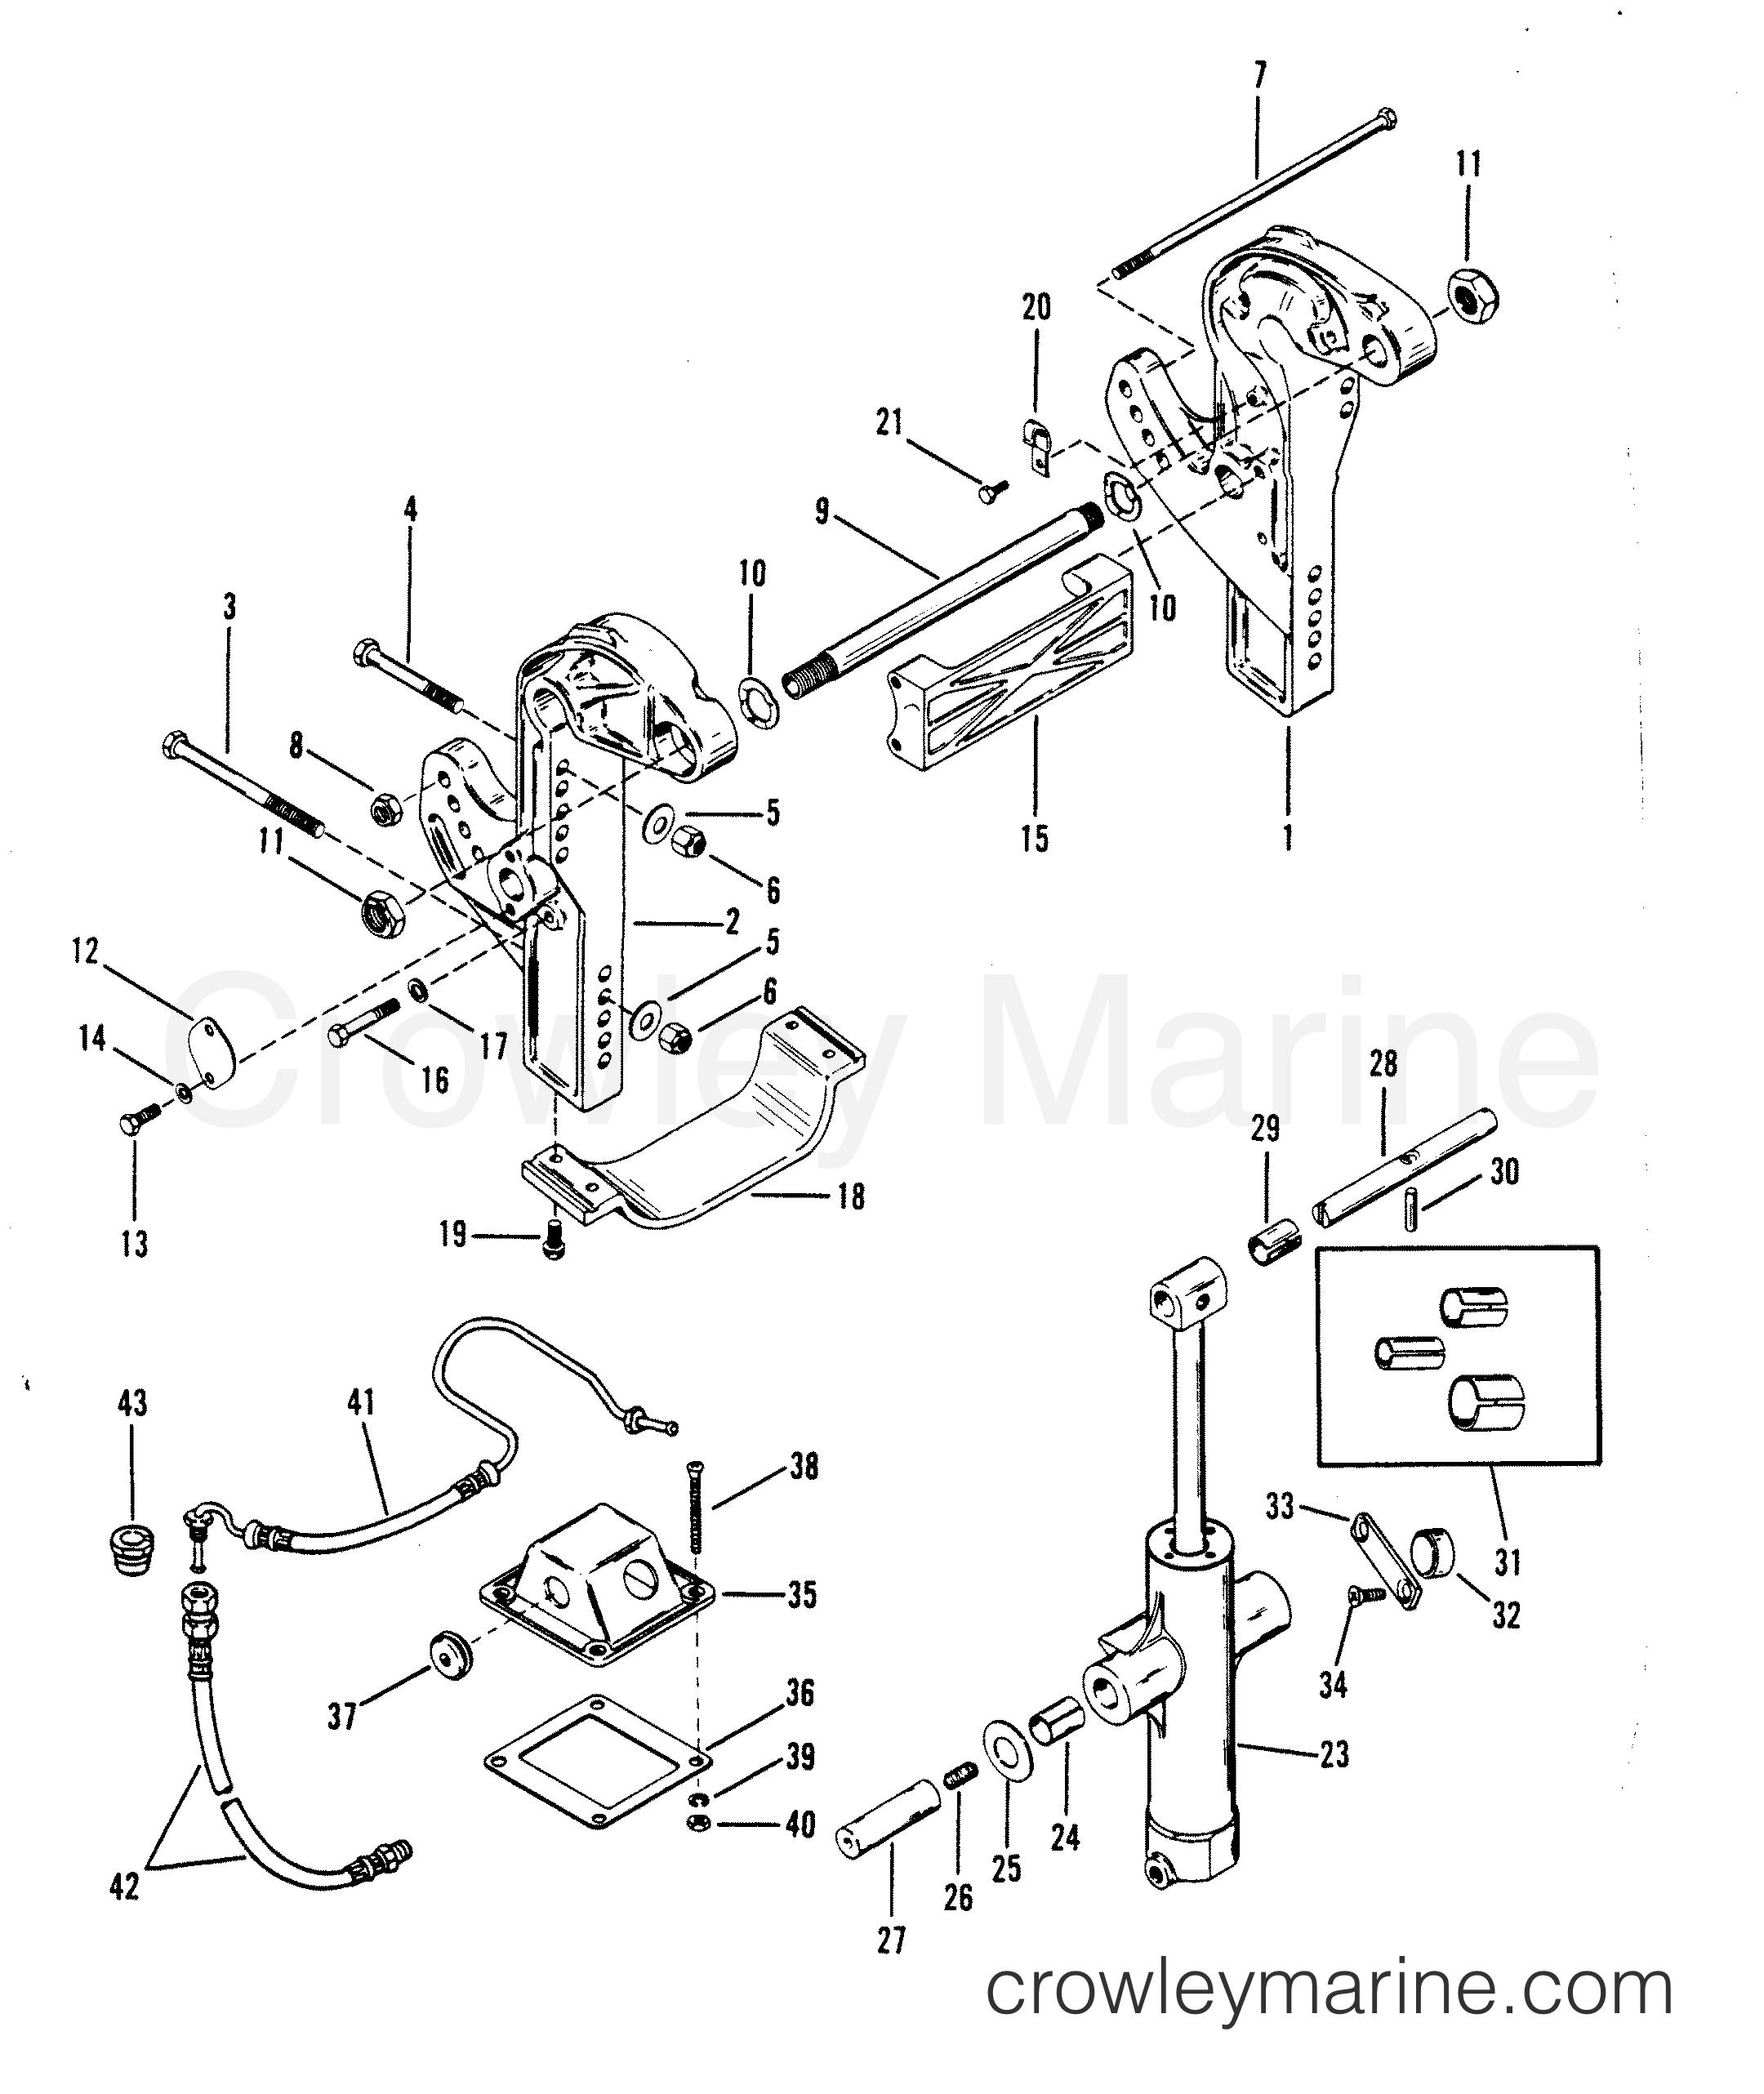 1993 Hors-bord de course Mercury 2.5 [L EFI] - 7925211BH SUPPORTS DE TABLEAU ARRIÈRE ET CYLINDRE DE RELEVAGE section